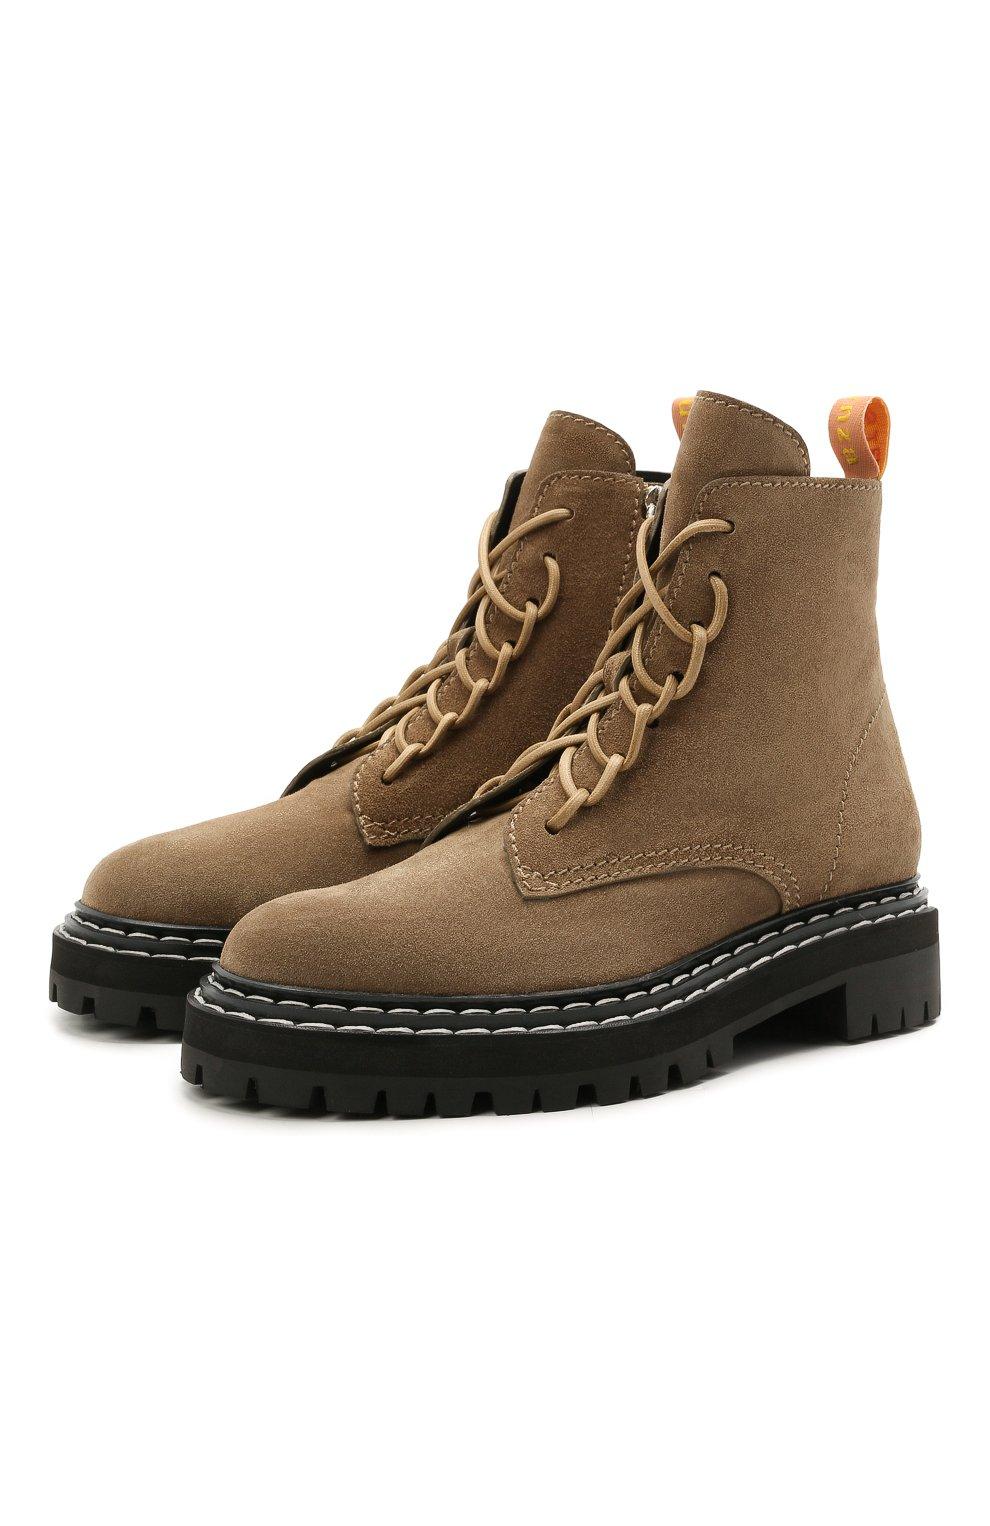 Женские замшевые ботинки PROENZA SCHOULER светло-коричневого цвета, арт. PS35113A/13070 | Фото 1 (Подошва: Платформа; Материал внешний: Кожа, Замша; Каблук высота: Низкий; Женское Кросс-КТ: Военные ботинки; Материал внутренний: Натуральная кожа)